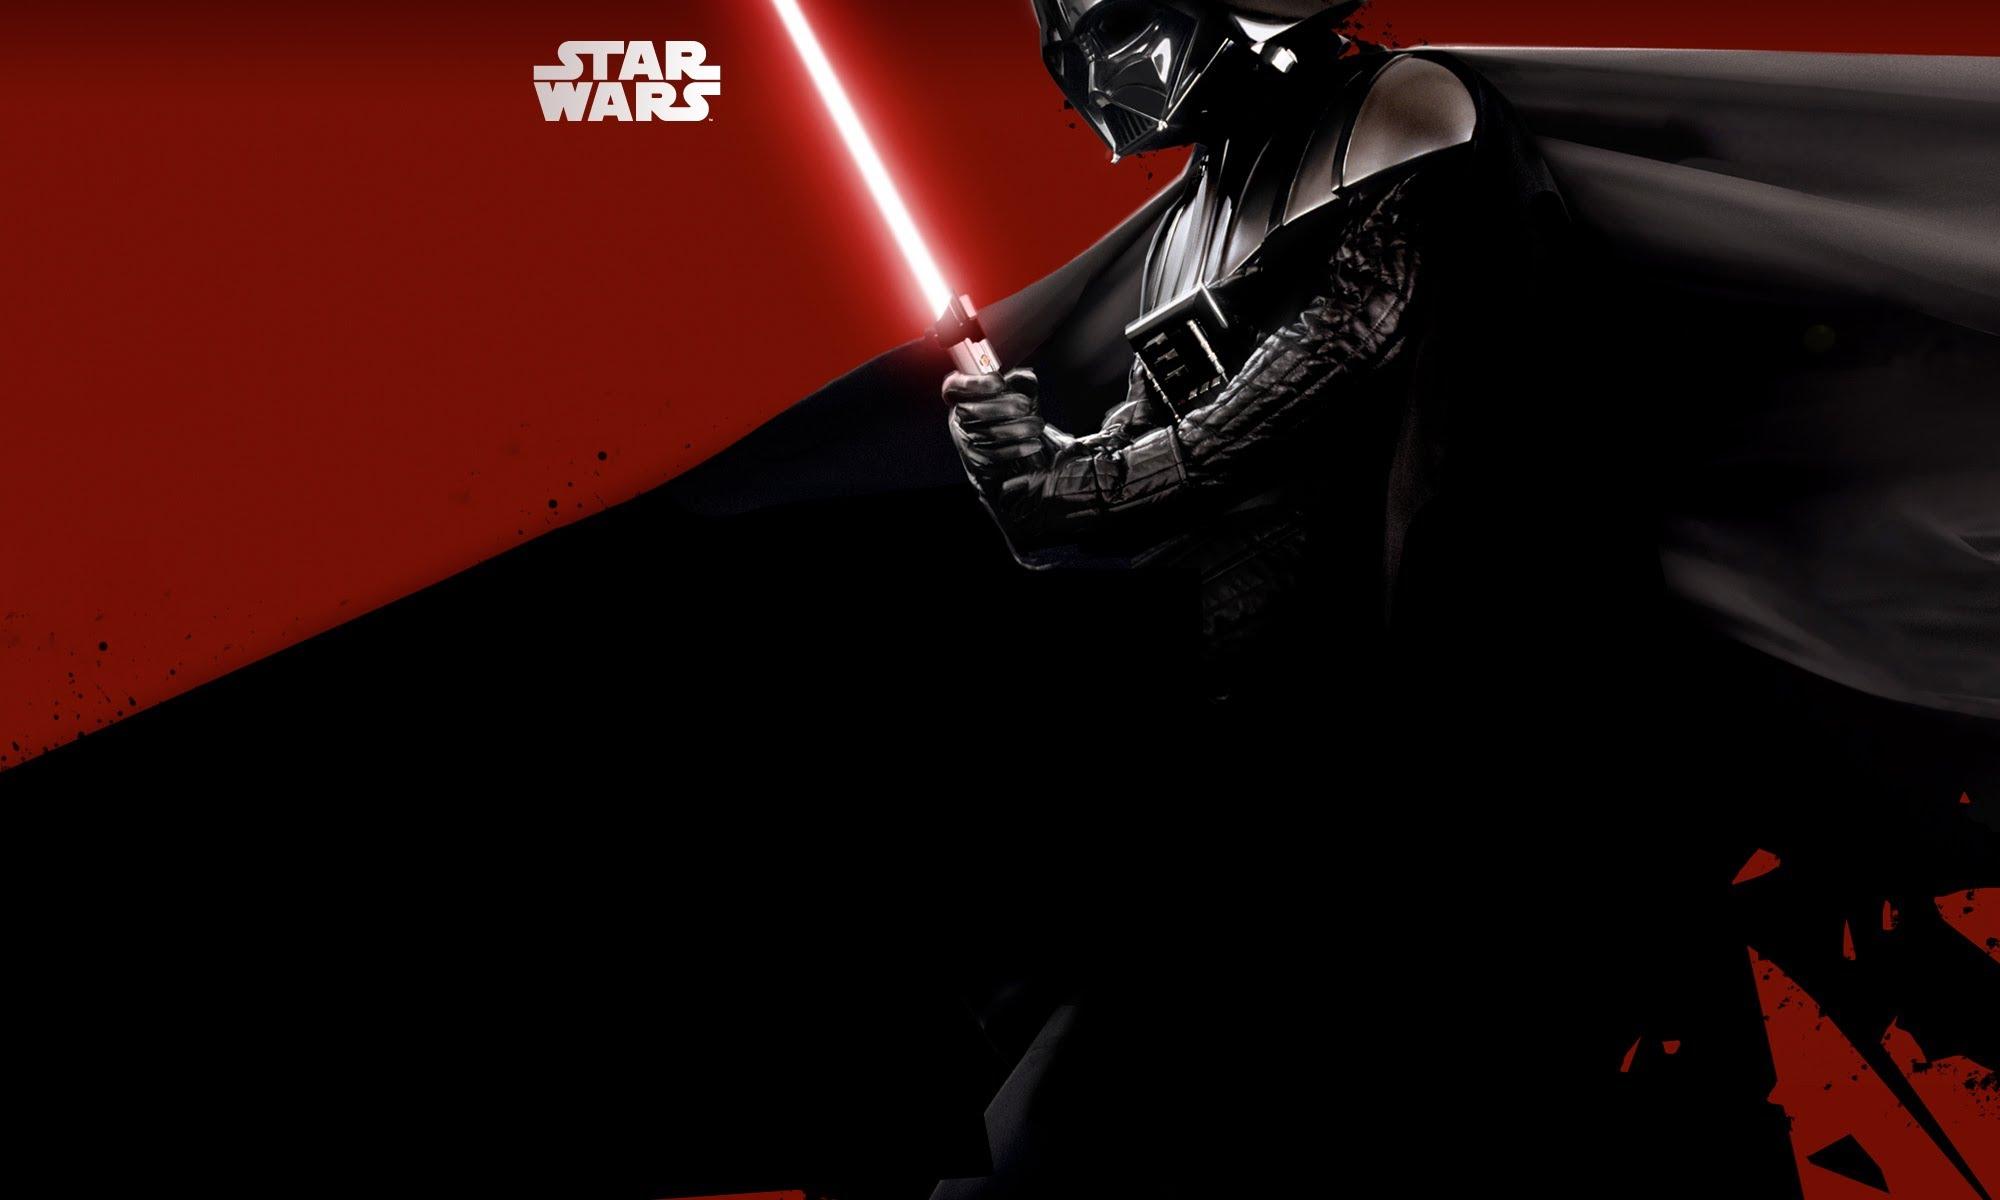 Darth Vader Wallpapers HD 2000x1200